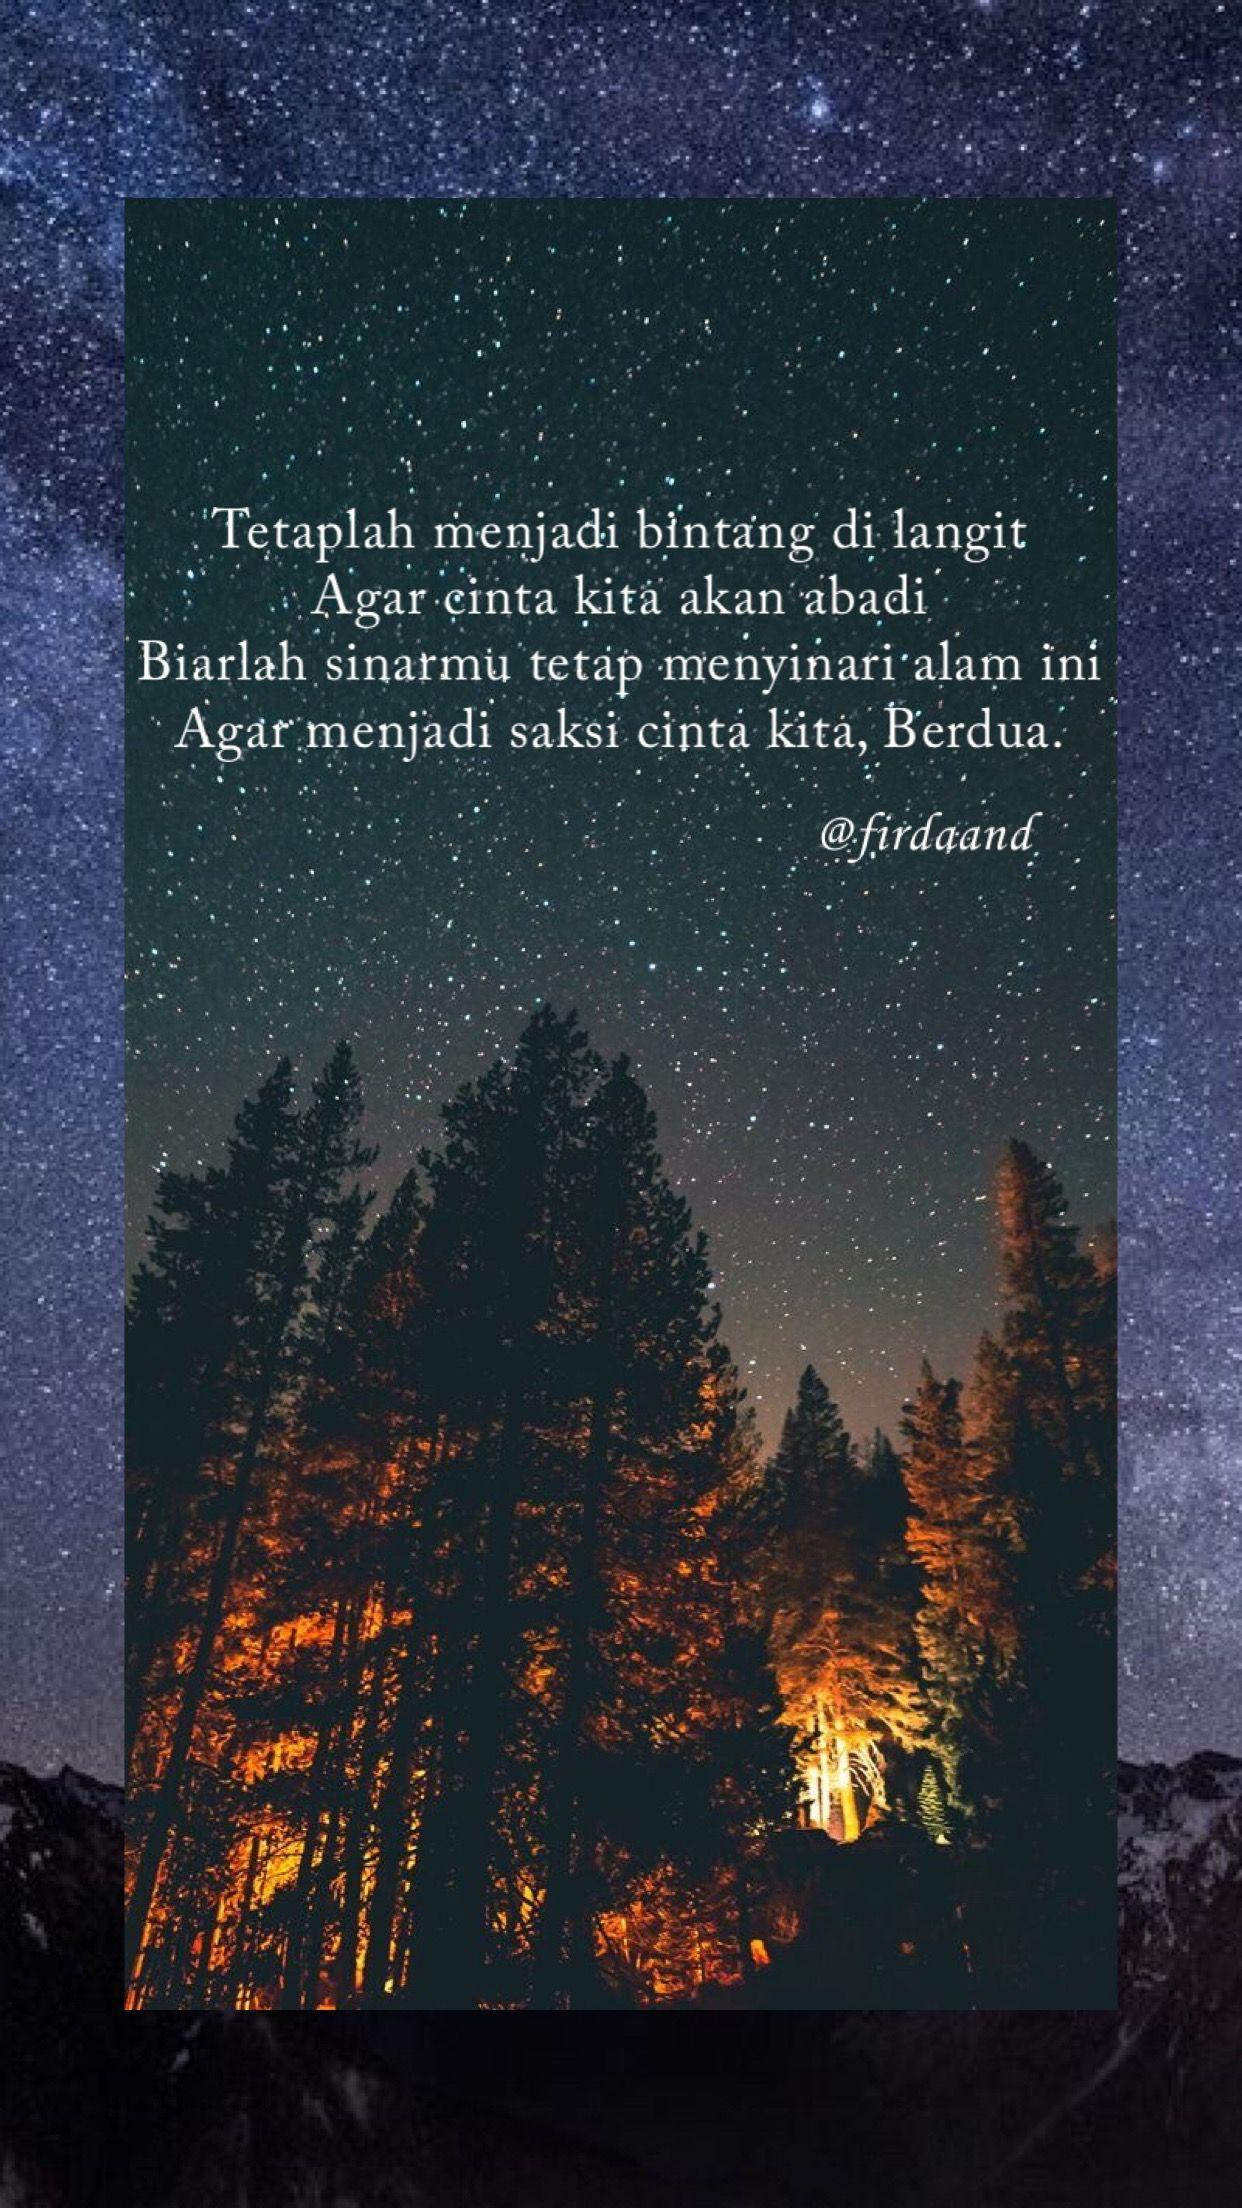 Tetaplah Menjadi Bintang Di Langit Chord : tetaplah, menjadi, bintang, langit, chord, Tetaplah, Menjadi, Bintang, Langit, Mudah